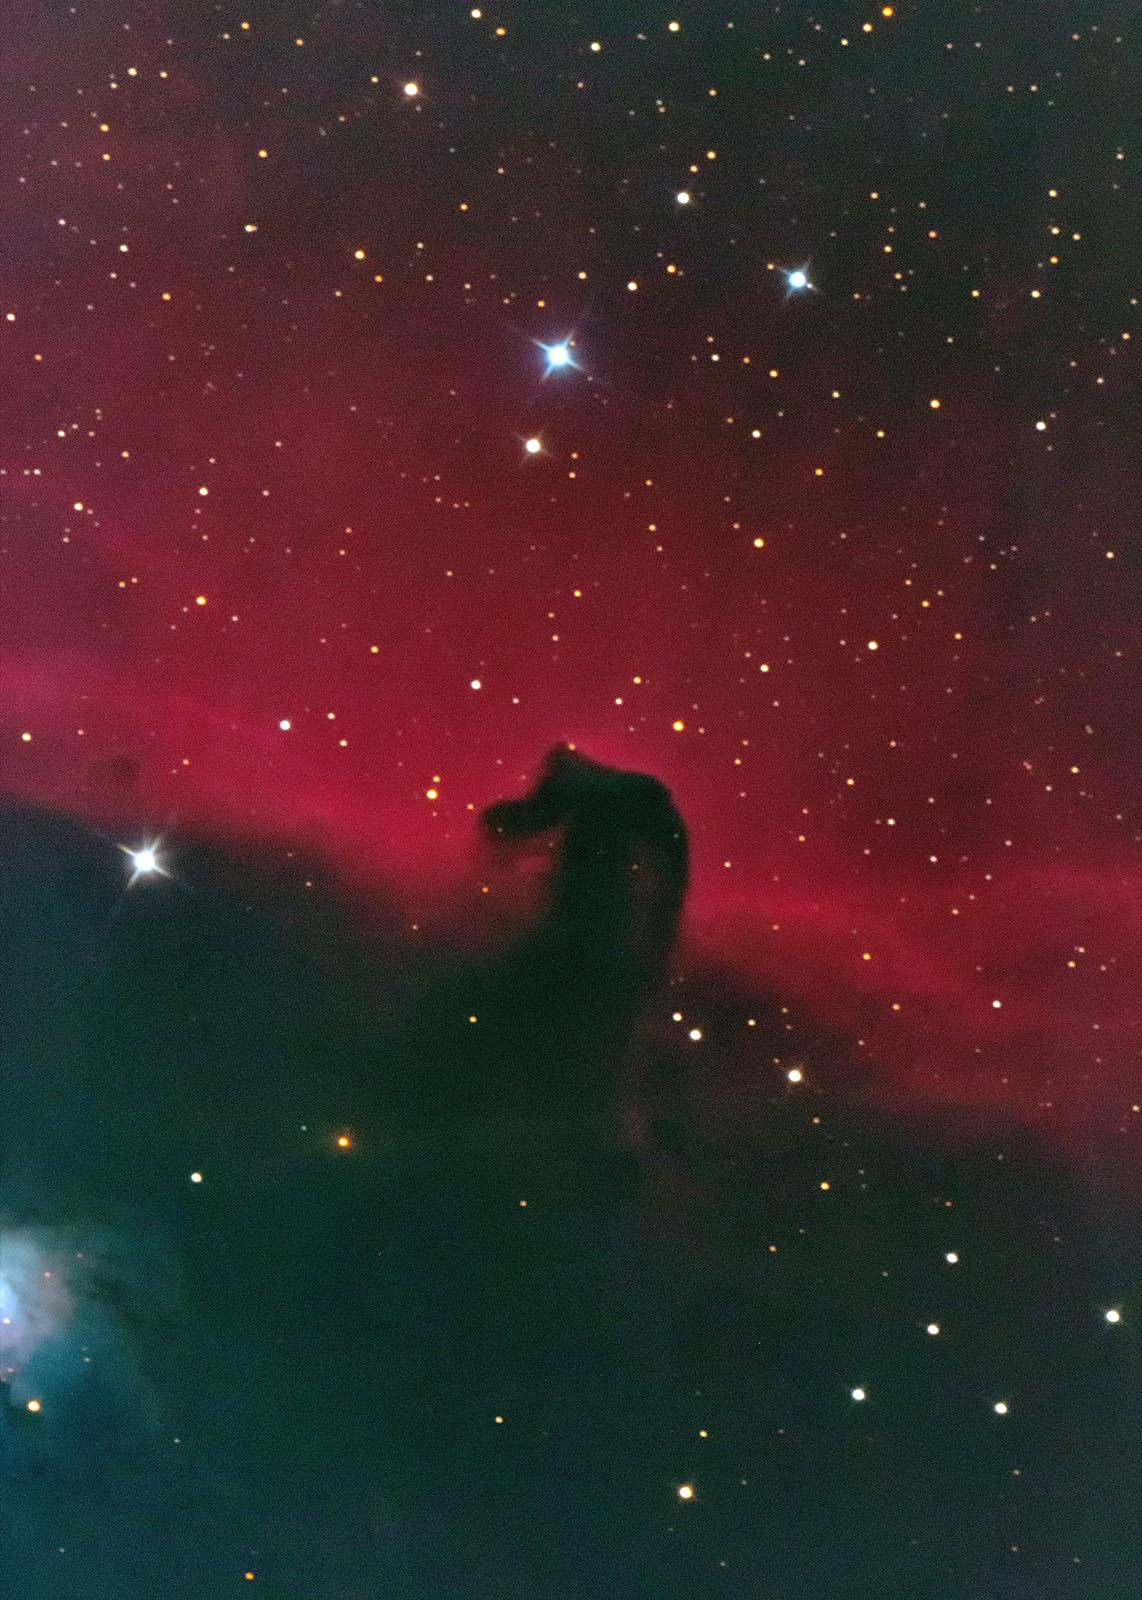 ボリソフ彗星など_e0174091_15284758.jpg